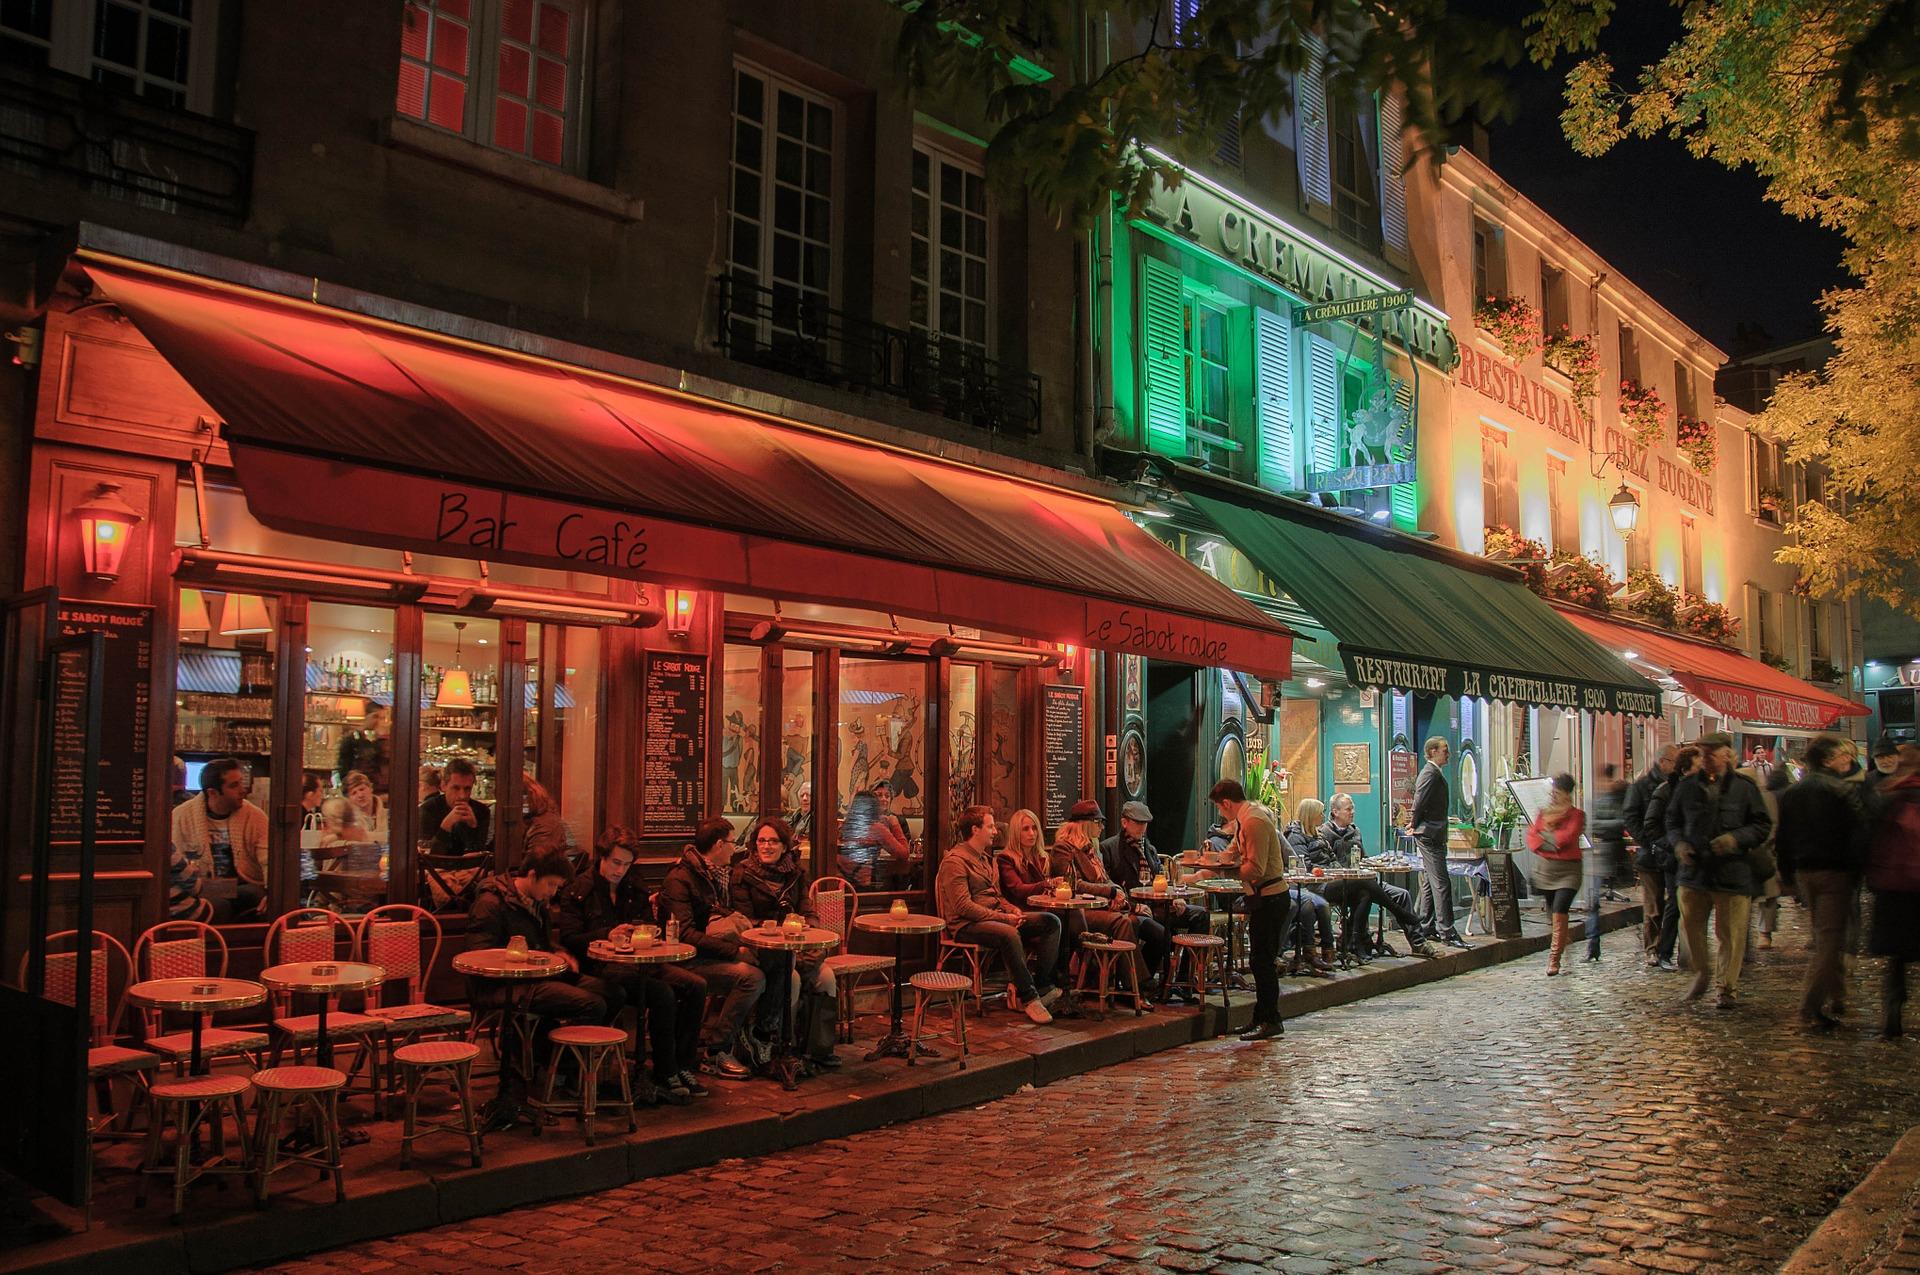 Menschen sitzen bei Nacht in Pariser Straßencafés.